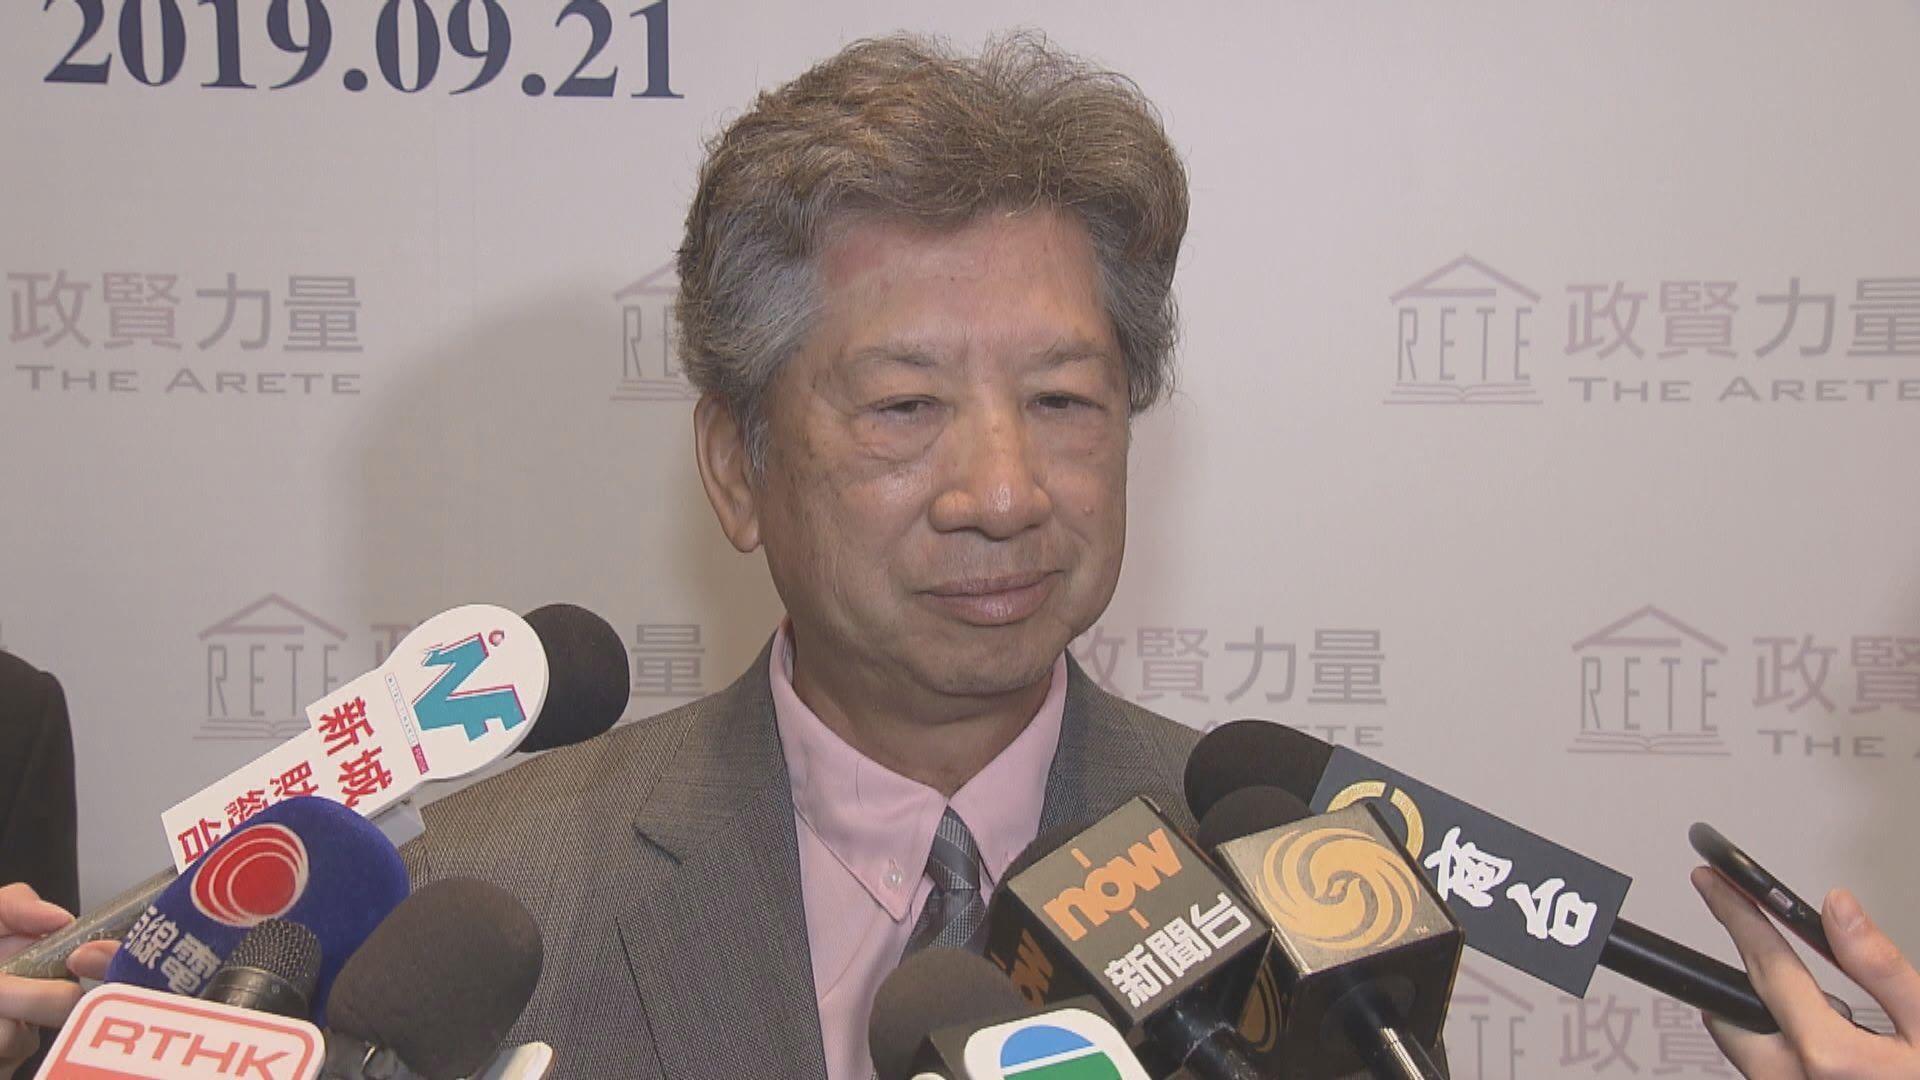 湯家驊:選舉延期是最後選項 迫不得已才考慮